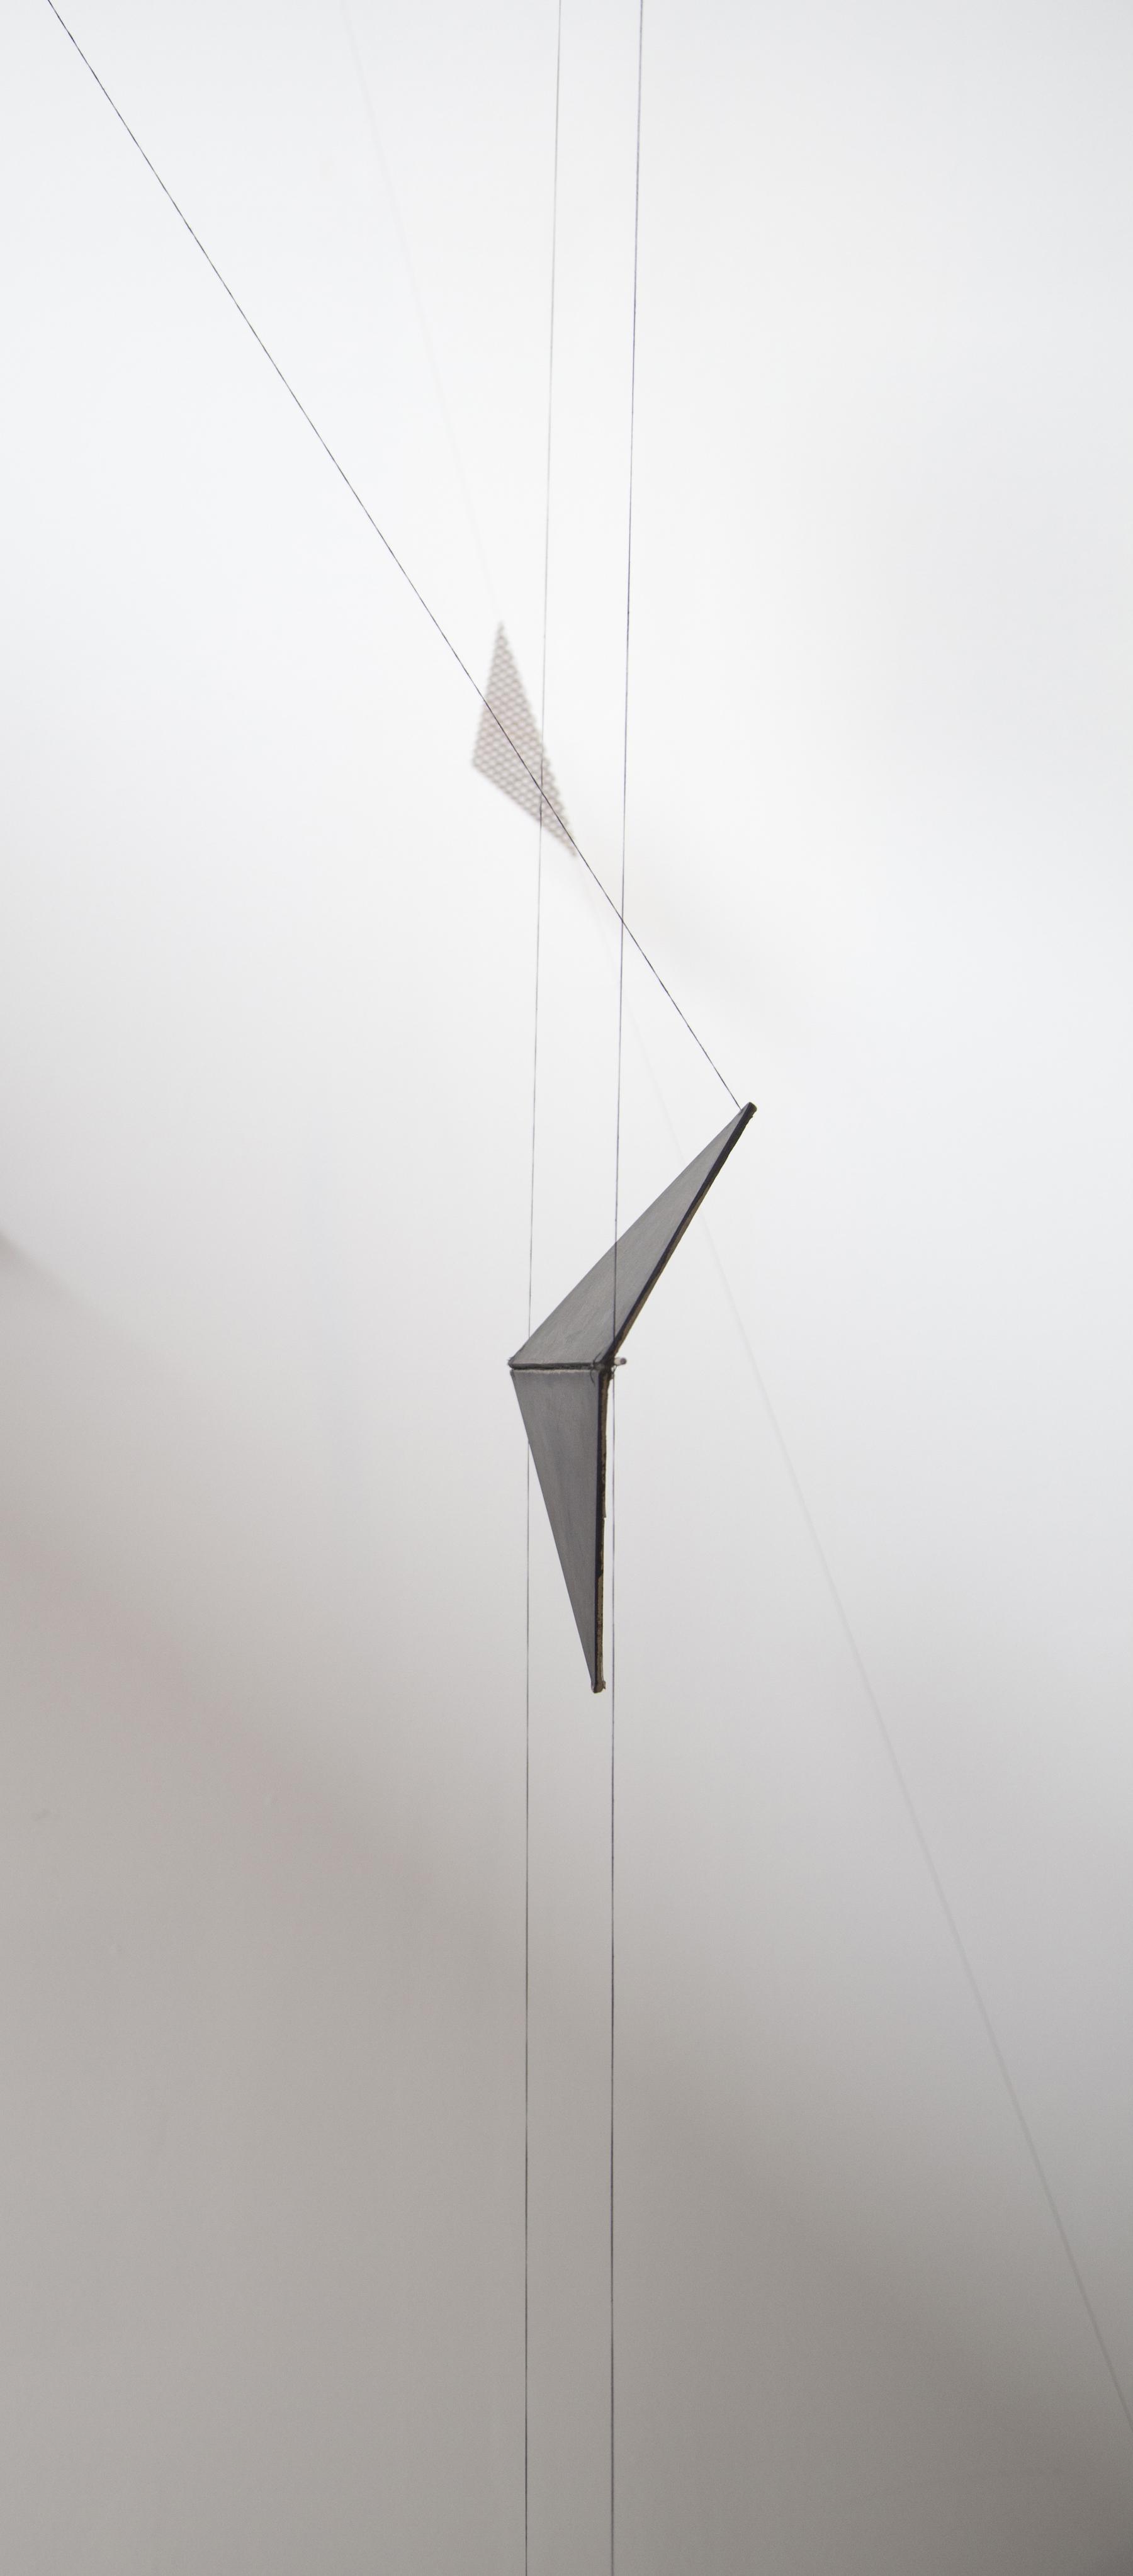 COLUMPIO PARA PENTAGRAMA I- NOCTURNO | Hilo, alambre y pieza plegada de madera móvil. Sobering Gallery, París, 2015.